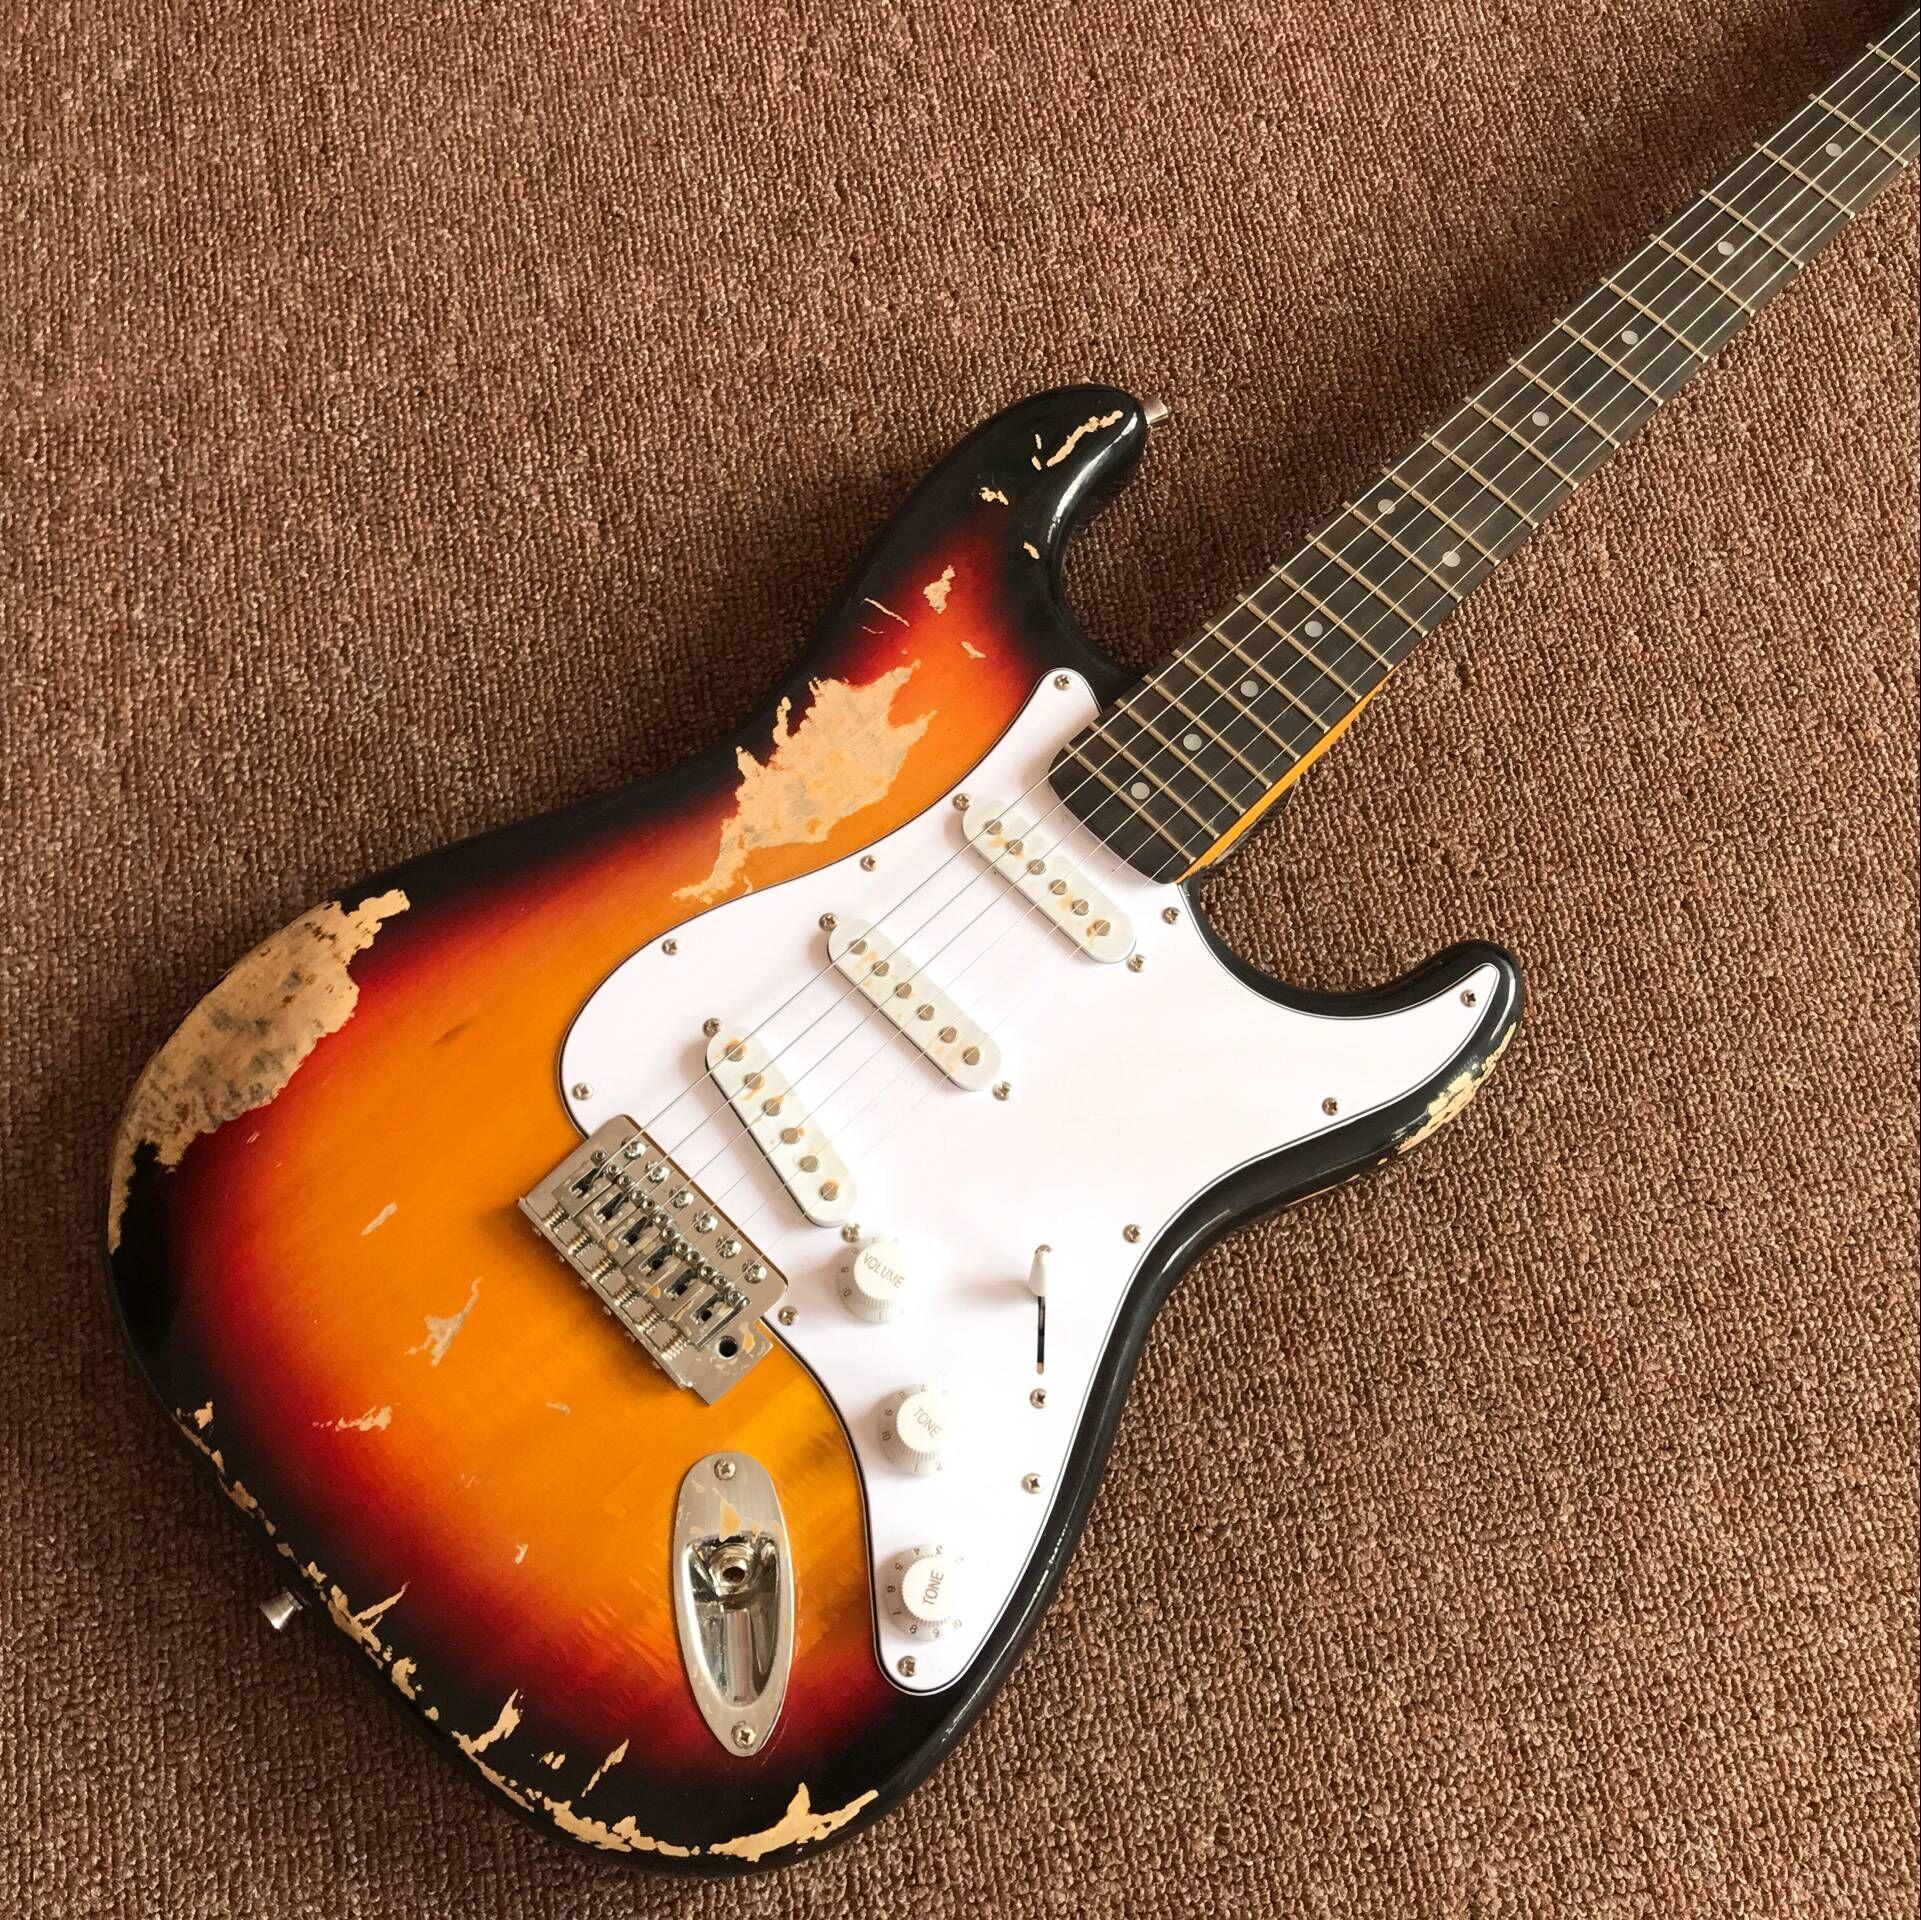 Commercio all'ingrosso nuovo fen st chitarra elettrica personalizzata / marca oem Sunburst colore gitaar / guitarra in cina. reliquie a mano. Spettacoli di foto reali